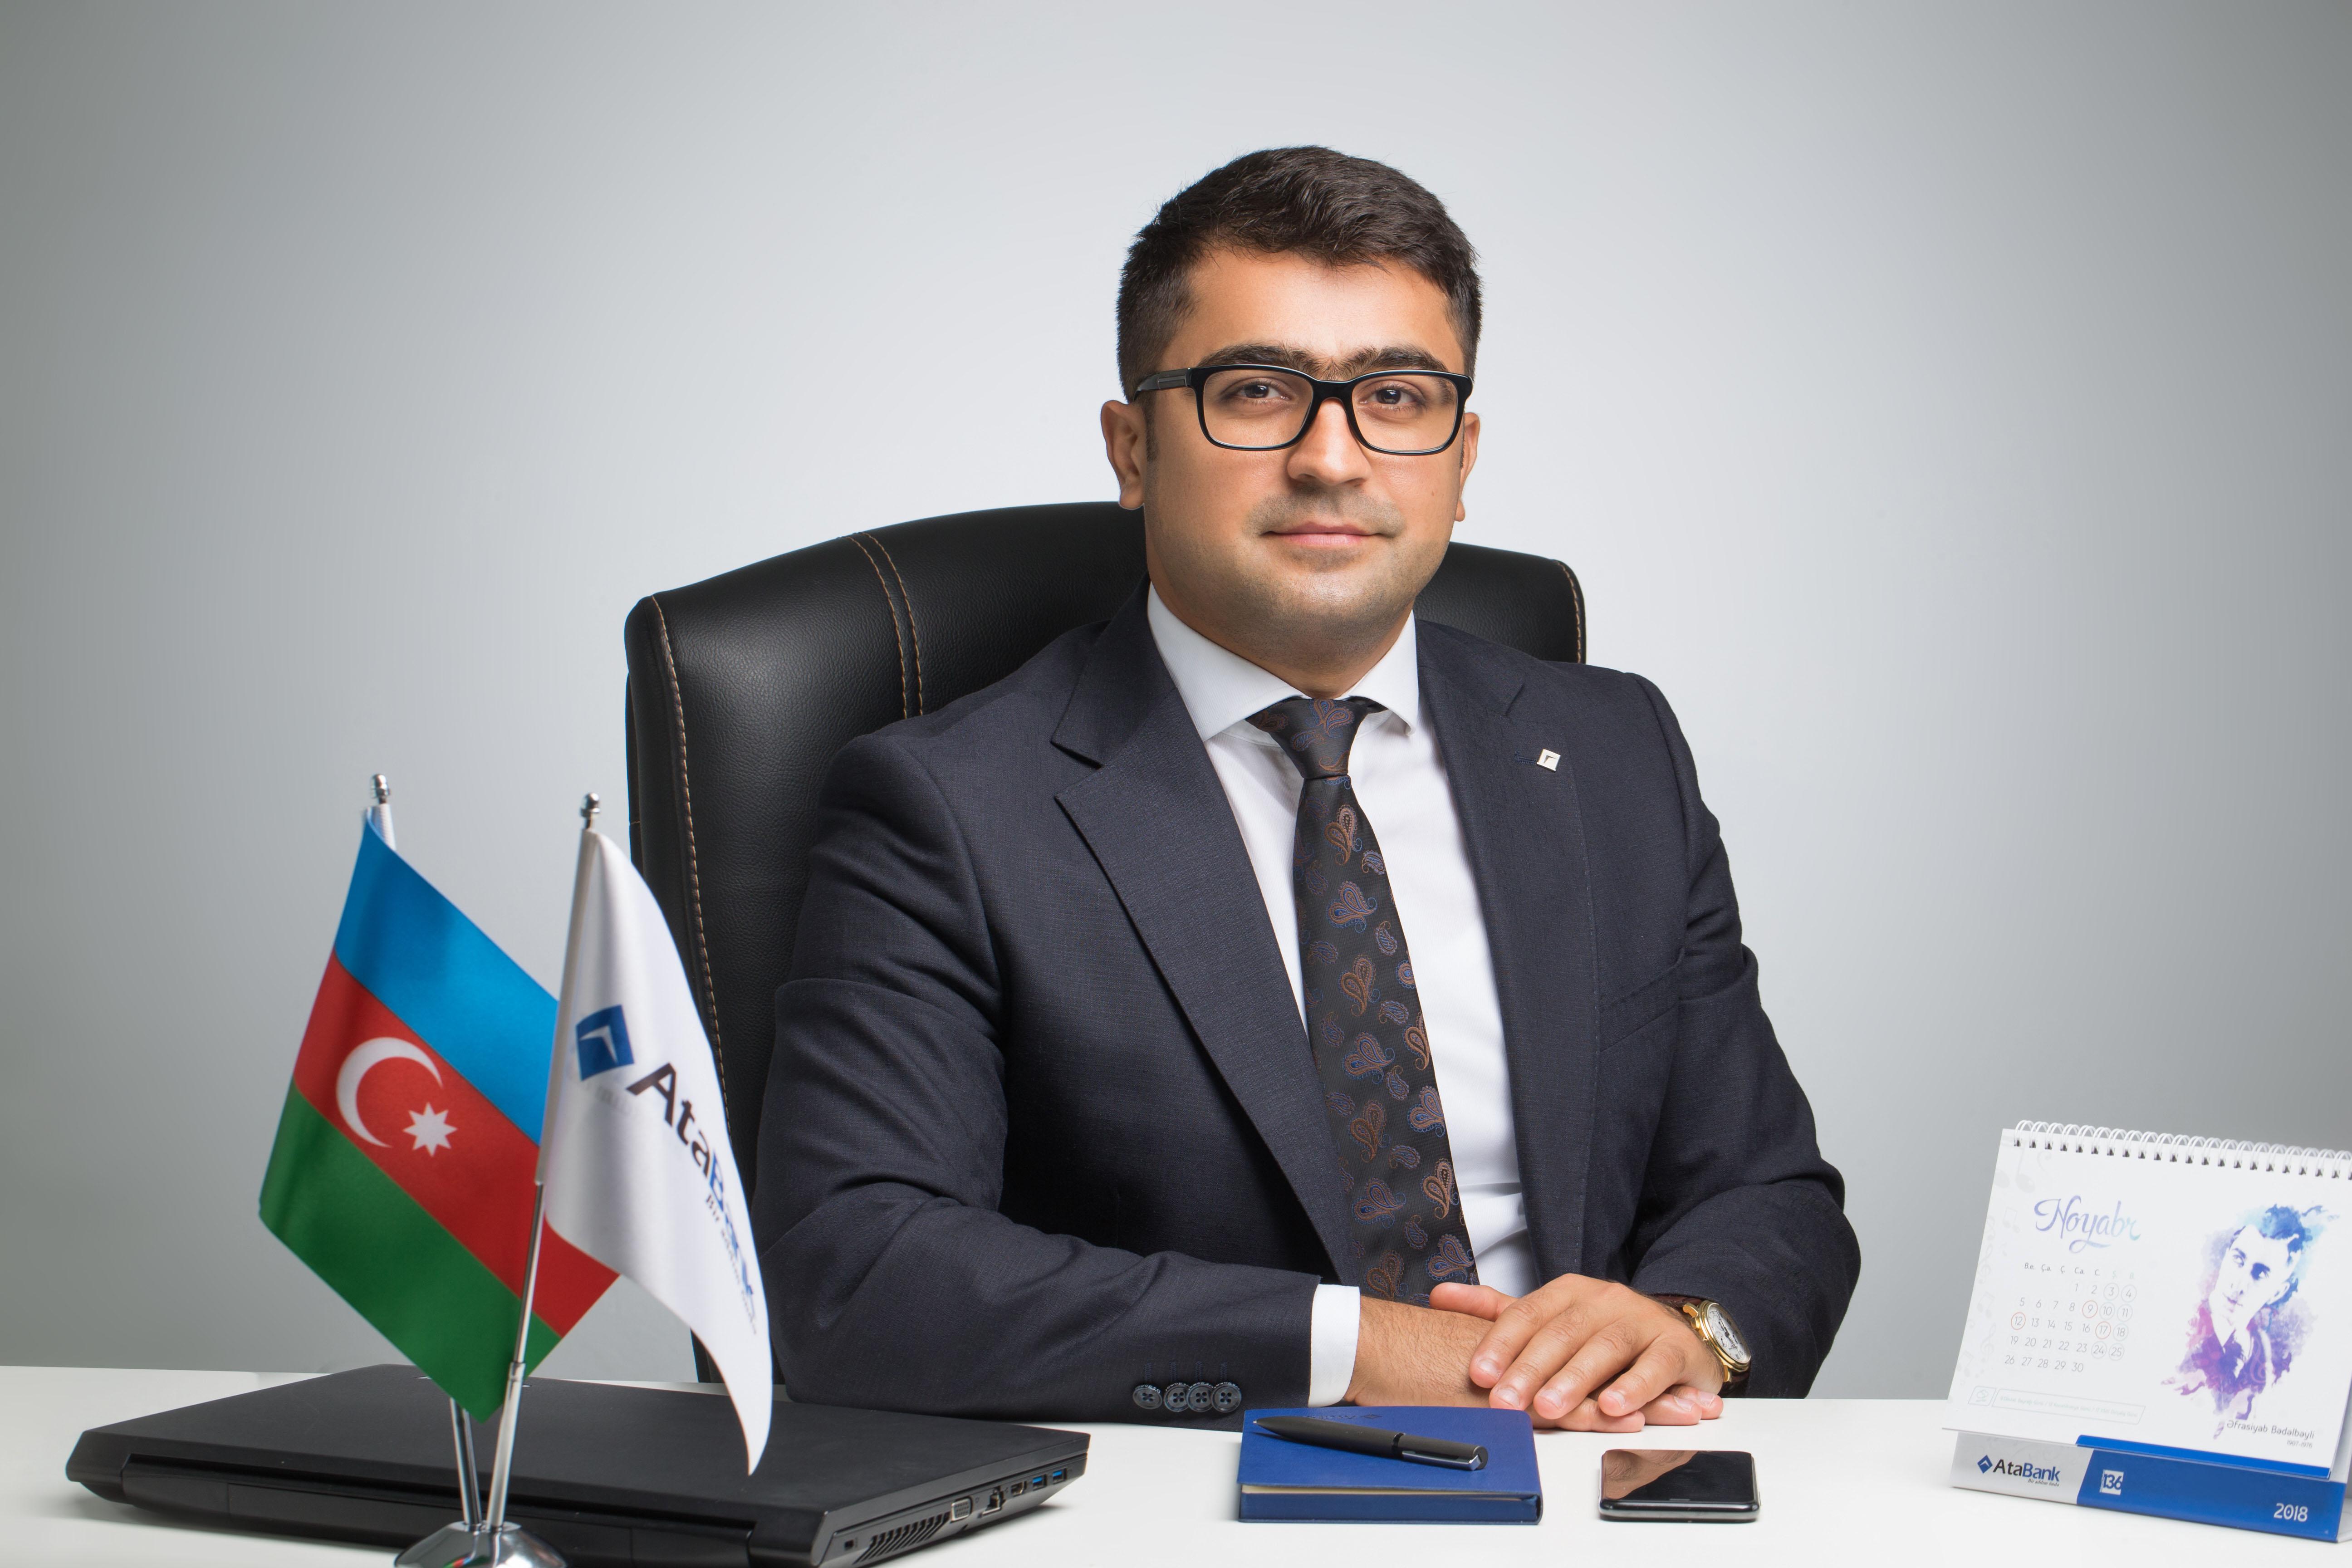 Начальник департамента известного банка баллотируется в депутаты